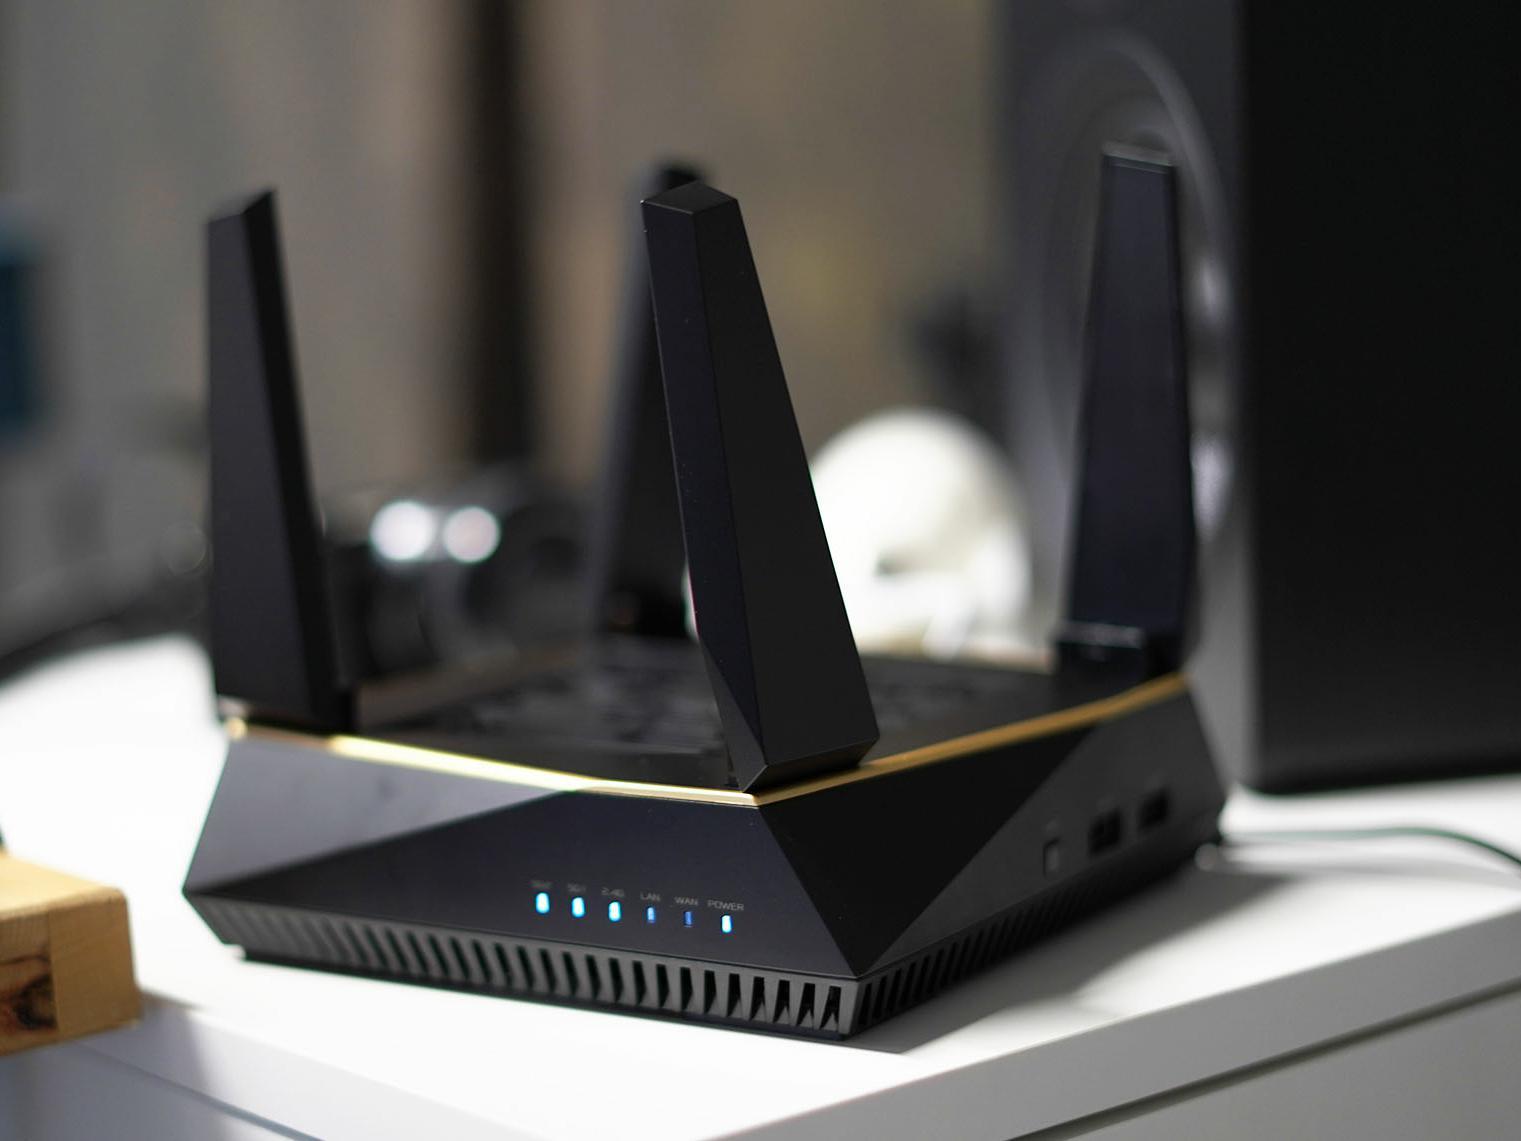 构建合适的 Wi-Fi 6 基础设施至关重要